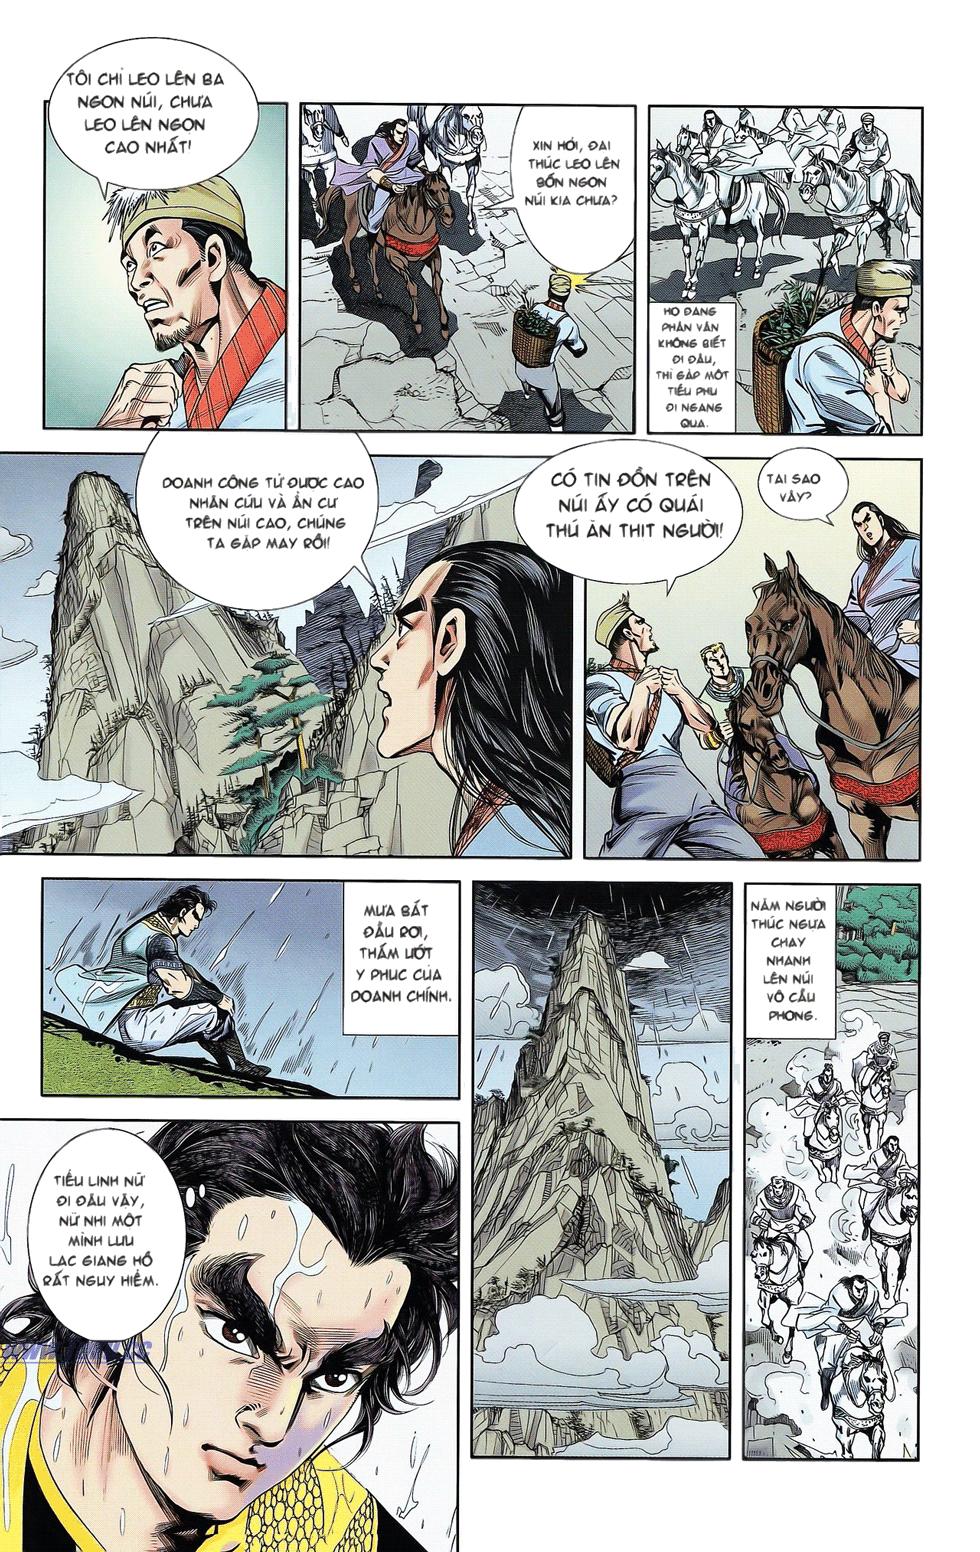 Tần Vương Doanh Chính chapter 17 trang 27